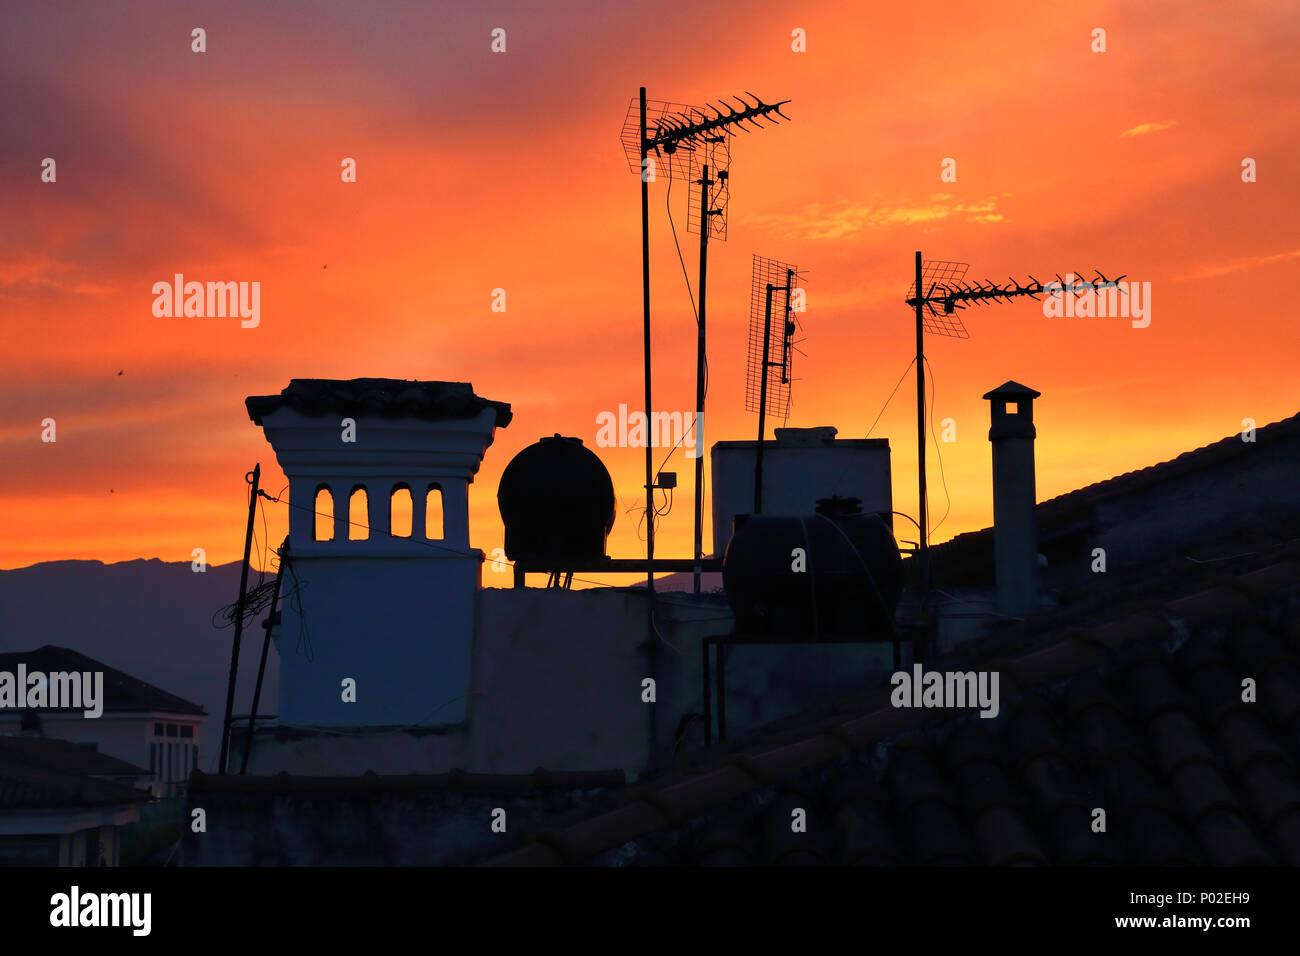 Sonnenuntergang Dach Silhouette, Griechenland Stockbild